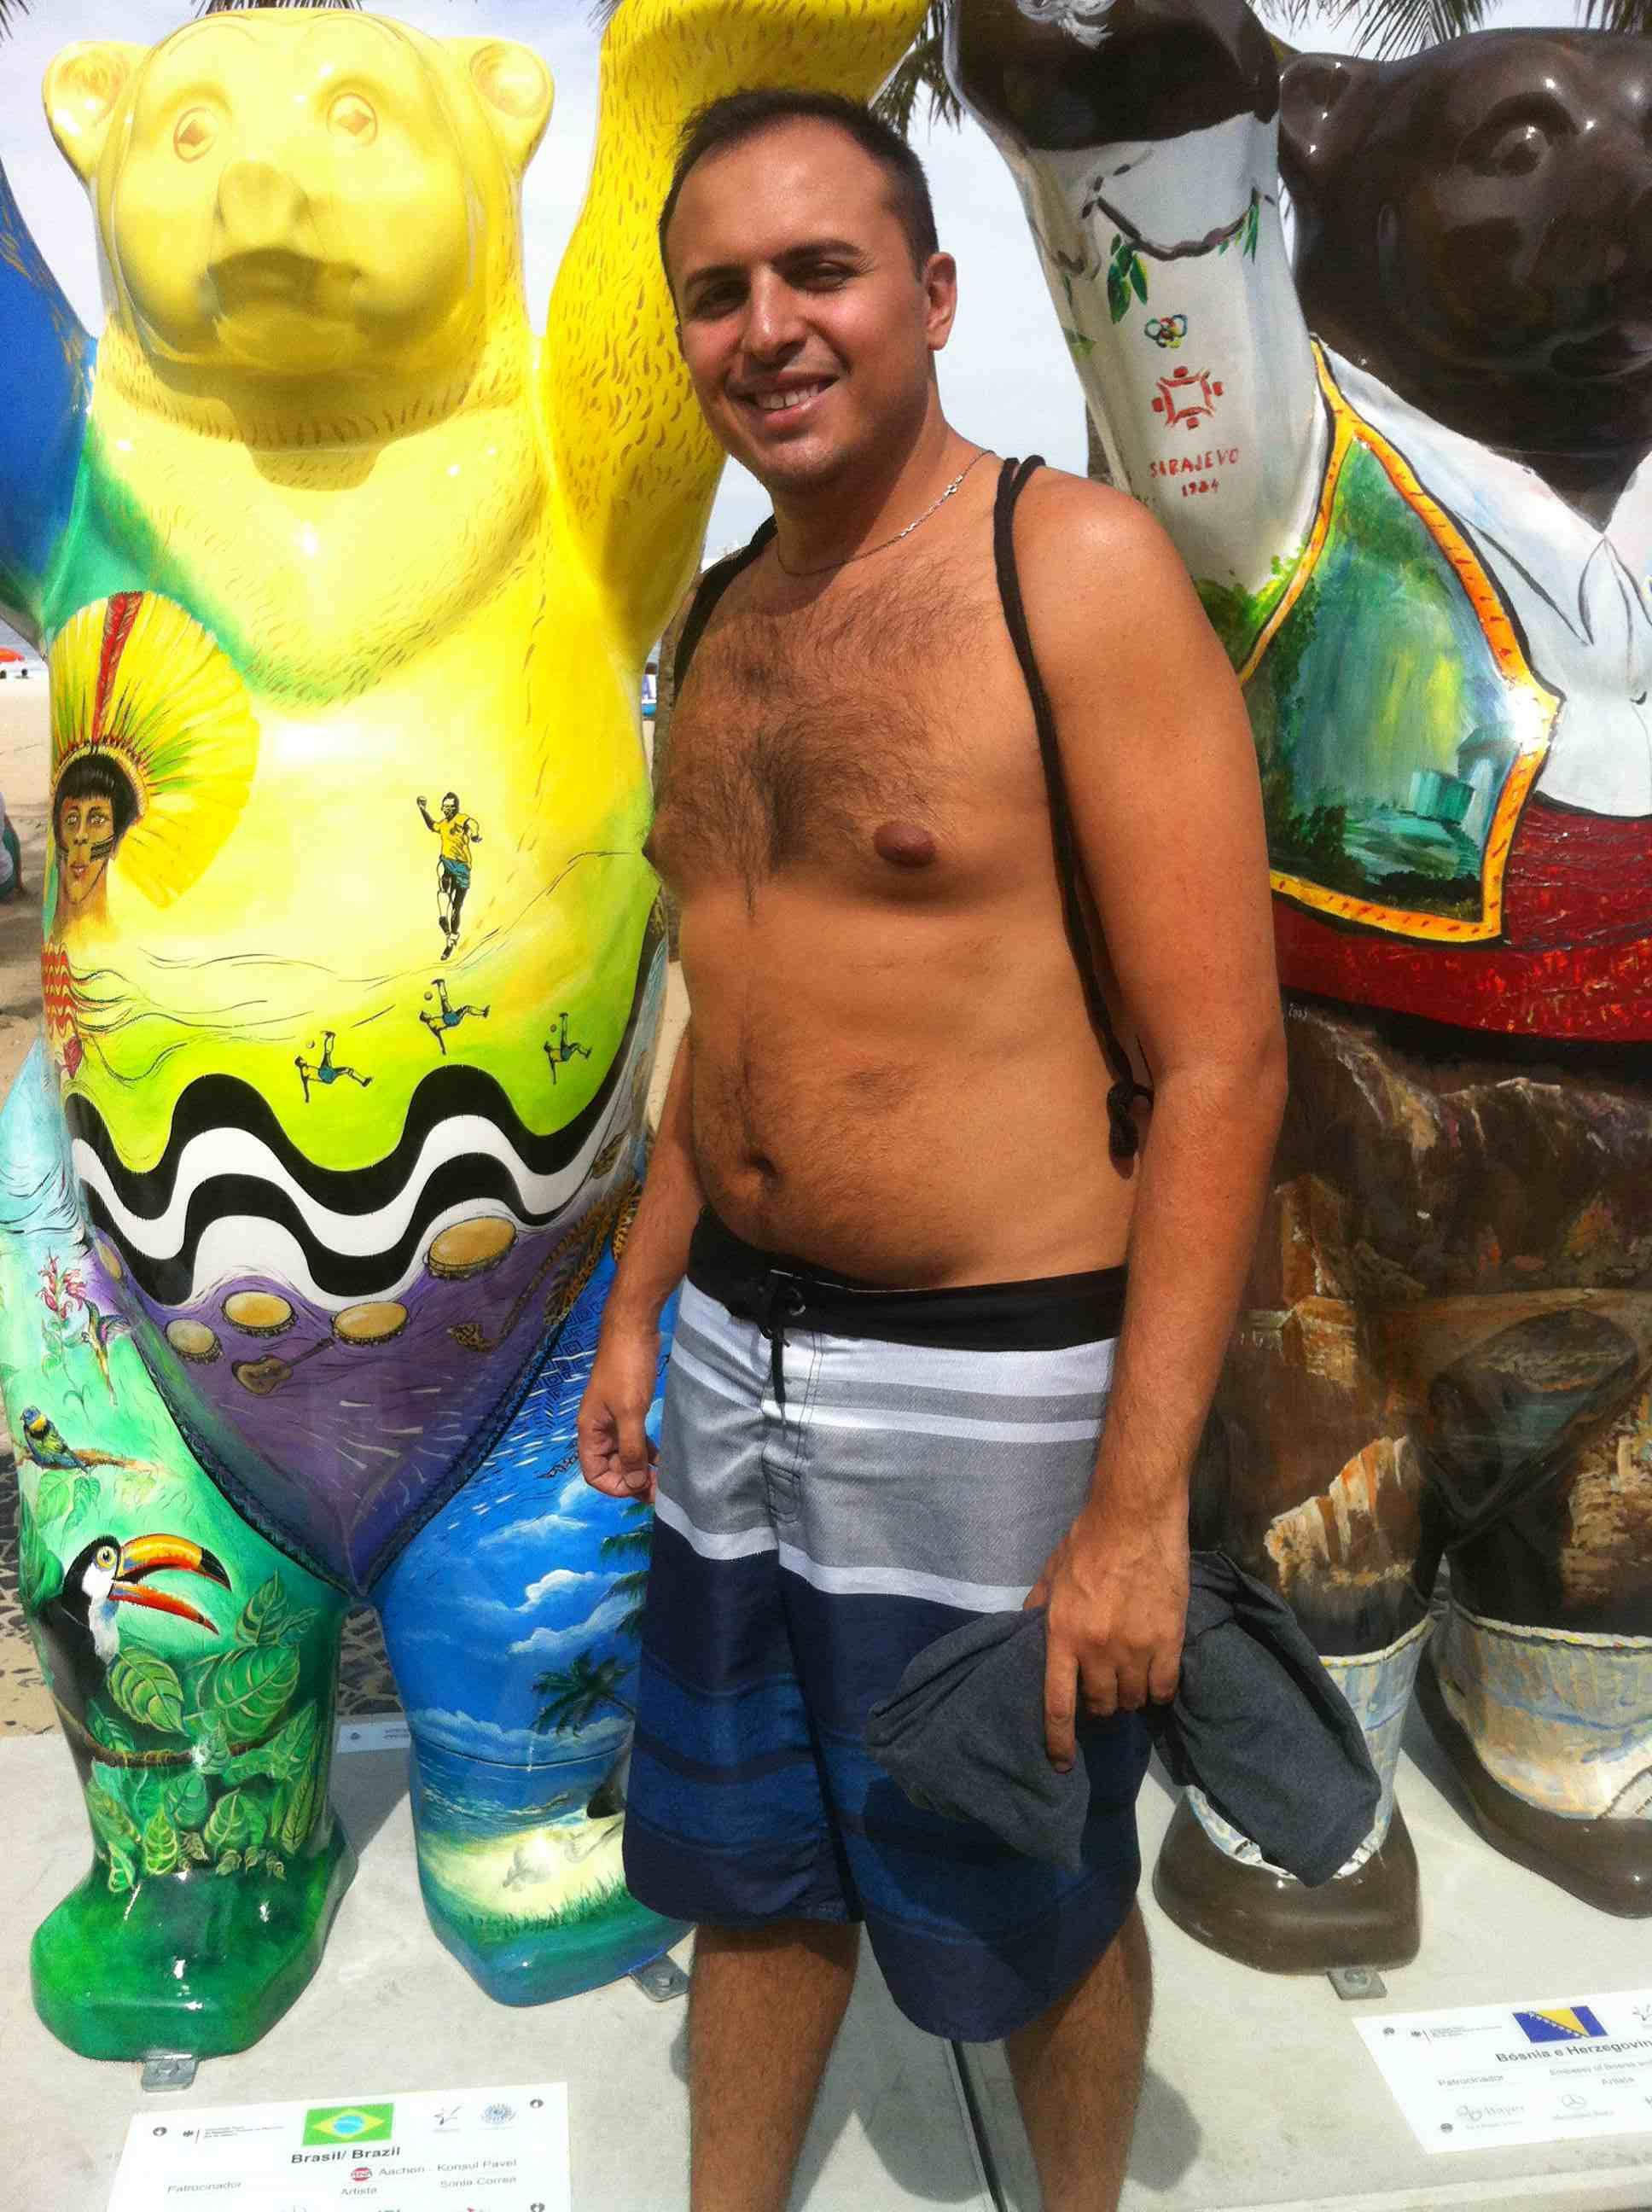 Brazil83